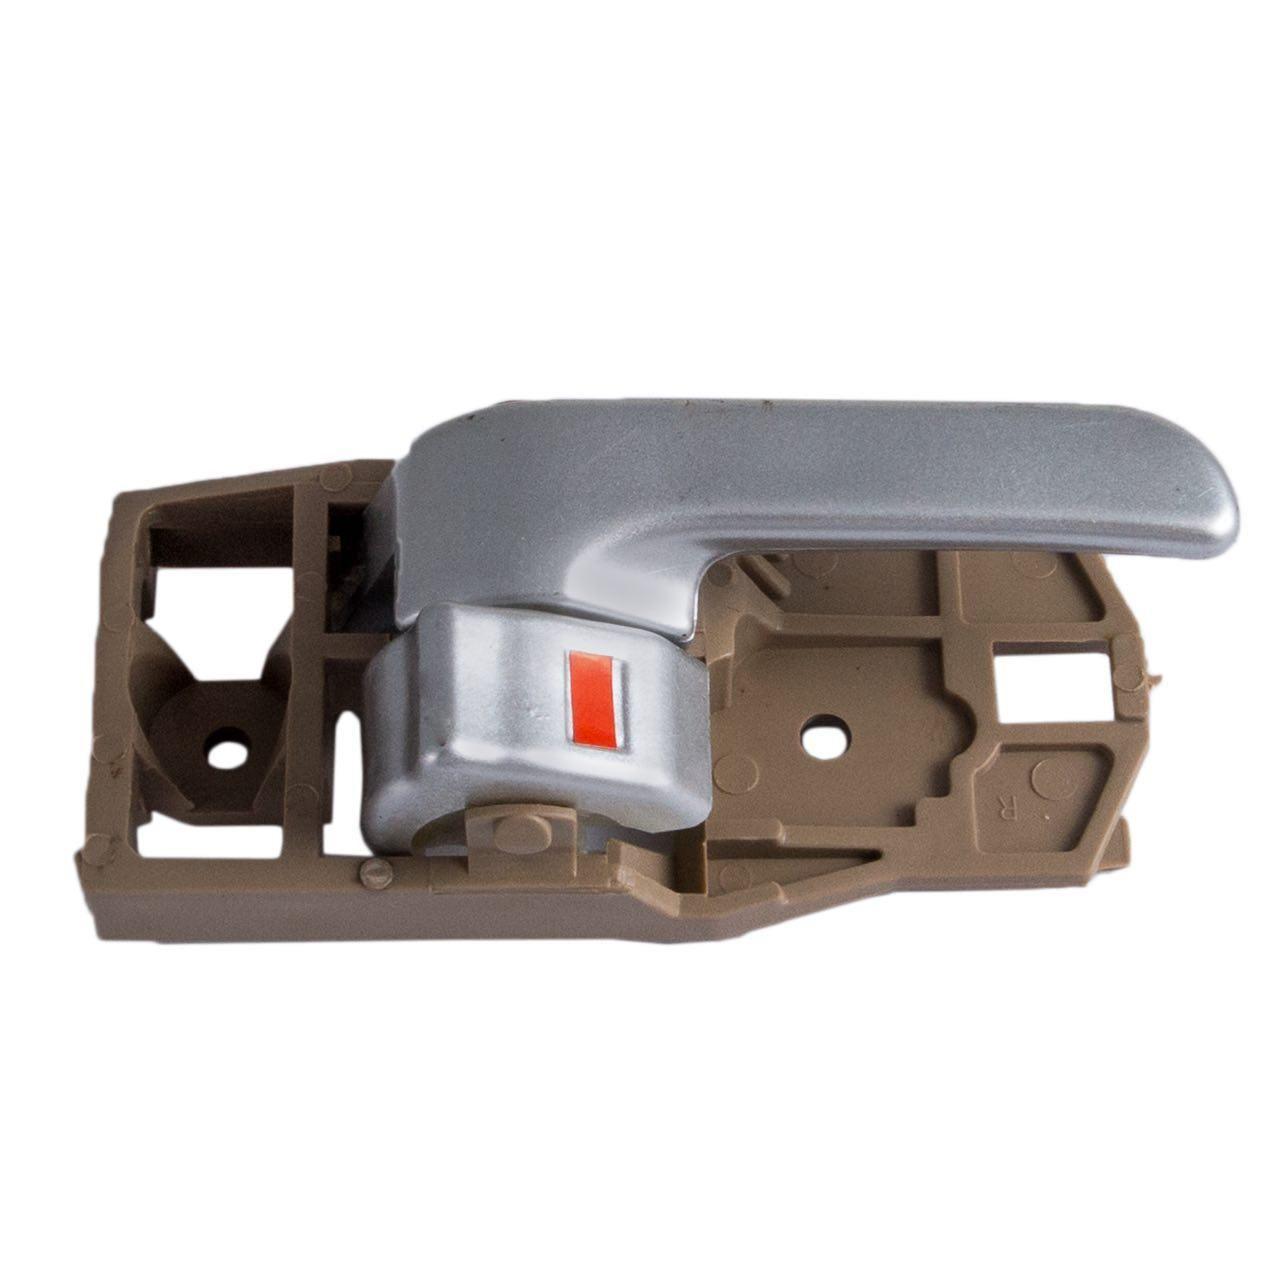 30 مدل دستگیره داخلی و بیرونی در خودرو لوکس و اسپرت با کیفیت عالی